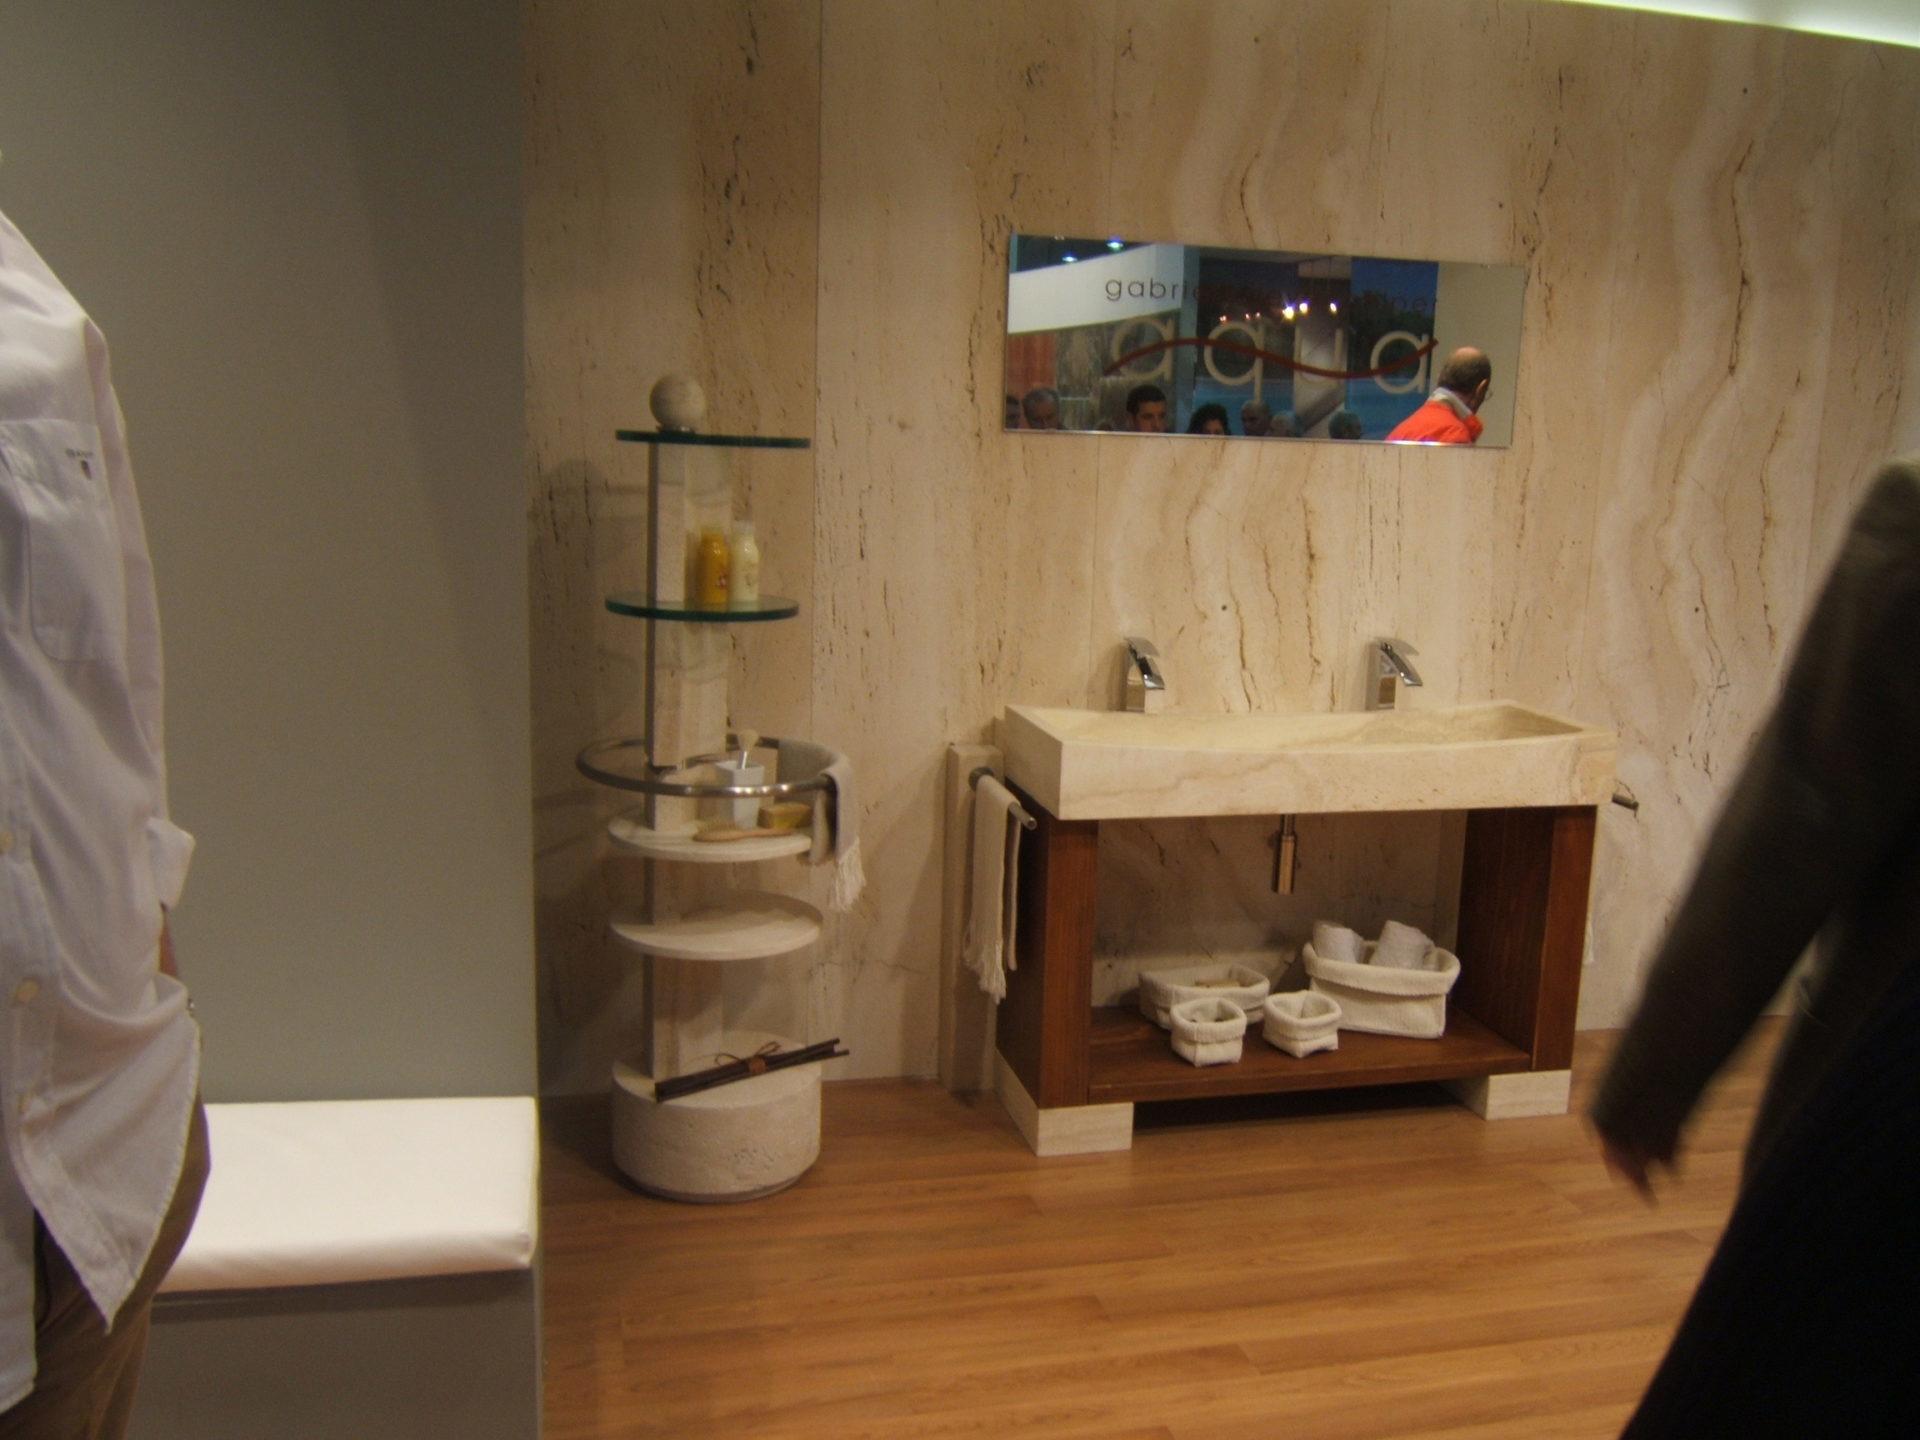 Double vasque en pierre pour salle de bain